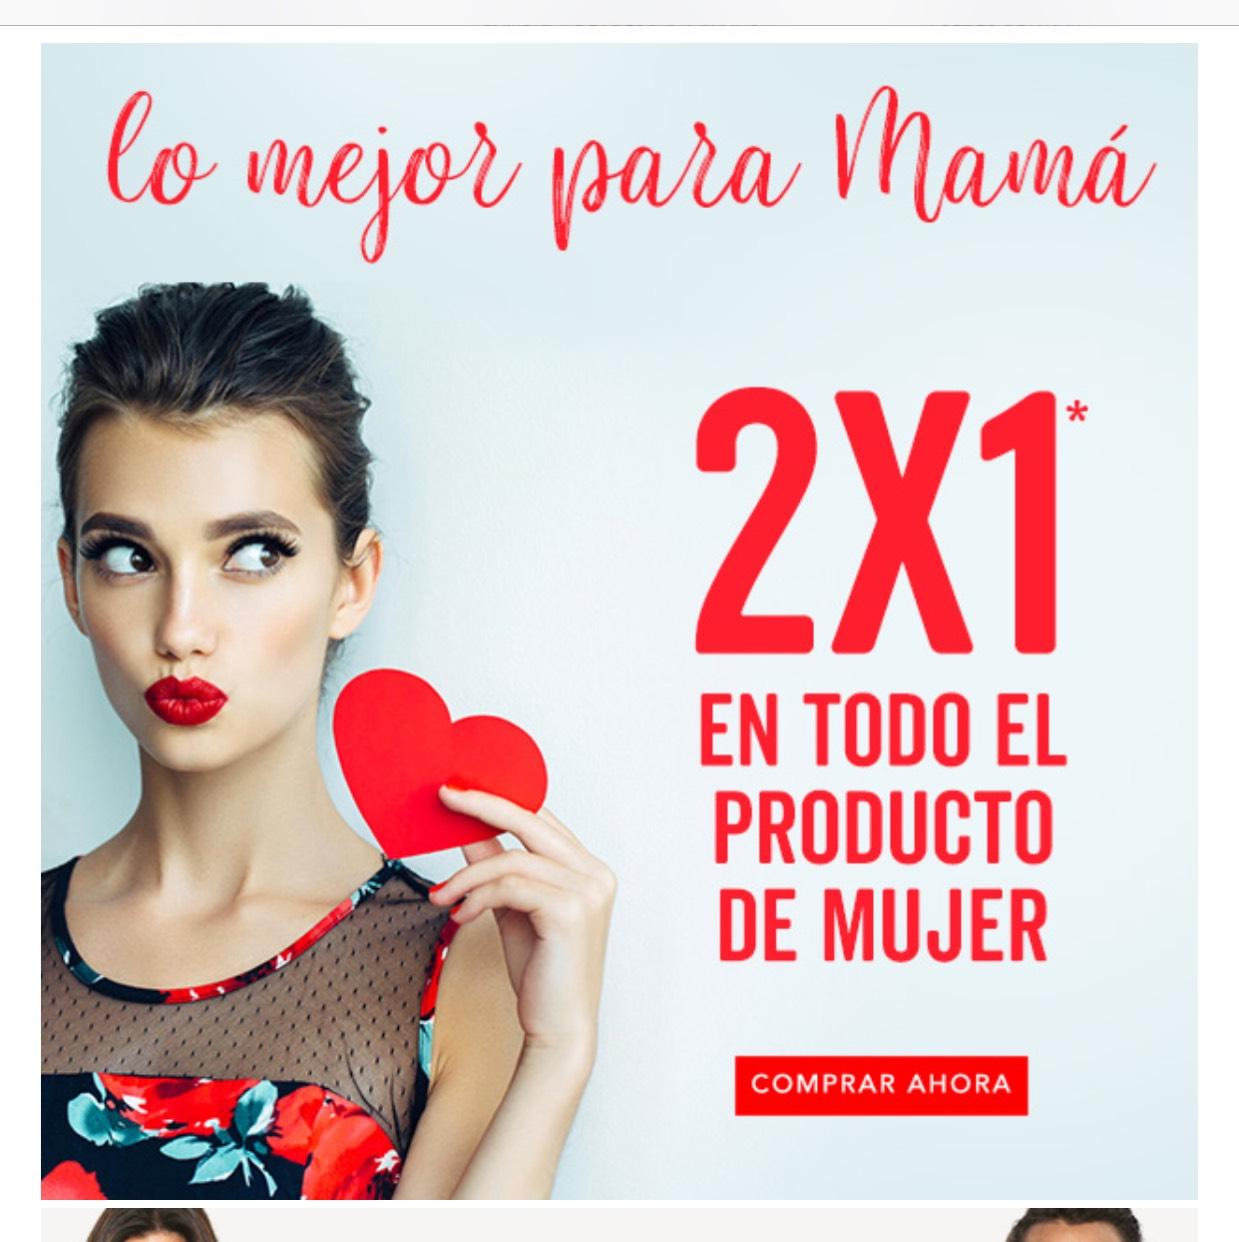 Promoda: 2x1 en todo el producto de mujer